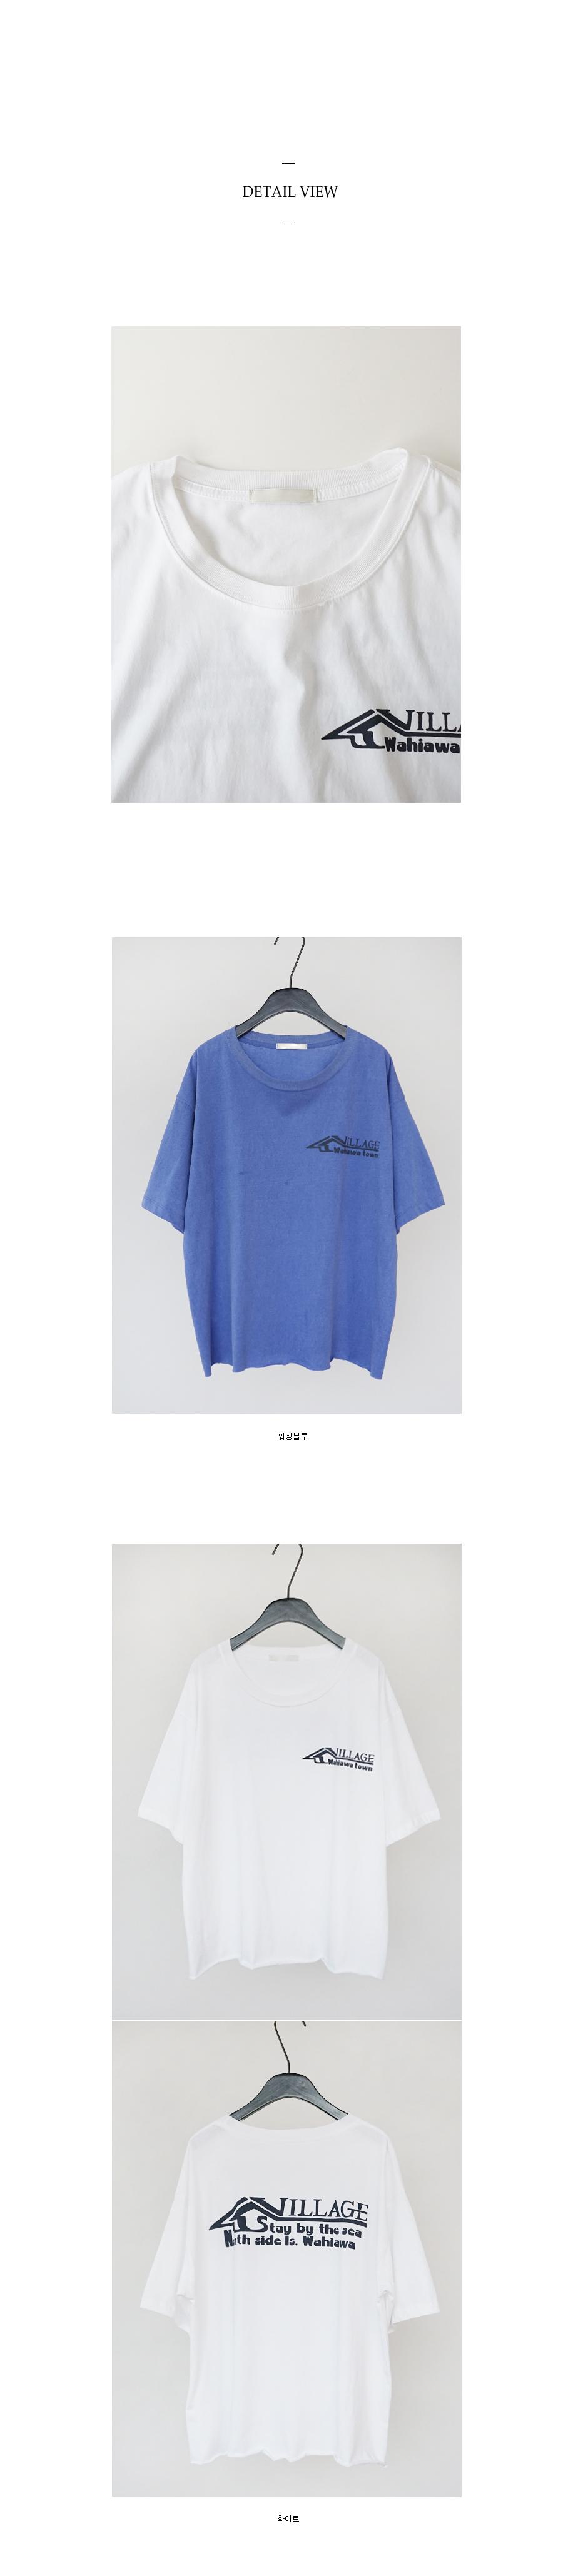 village typo T-shirt (2colors)